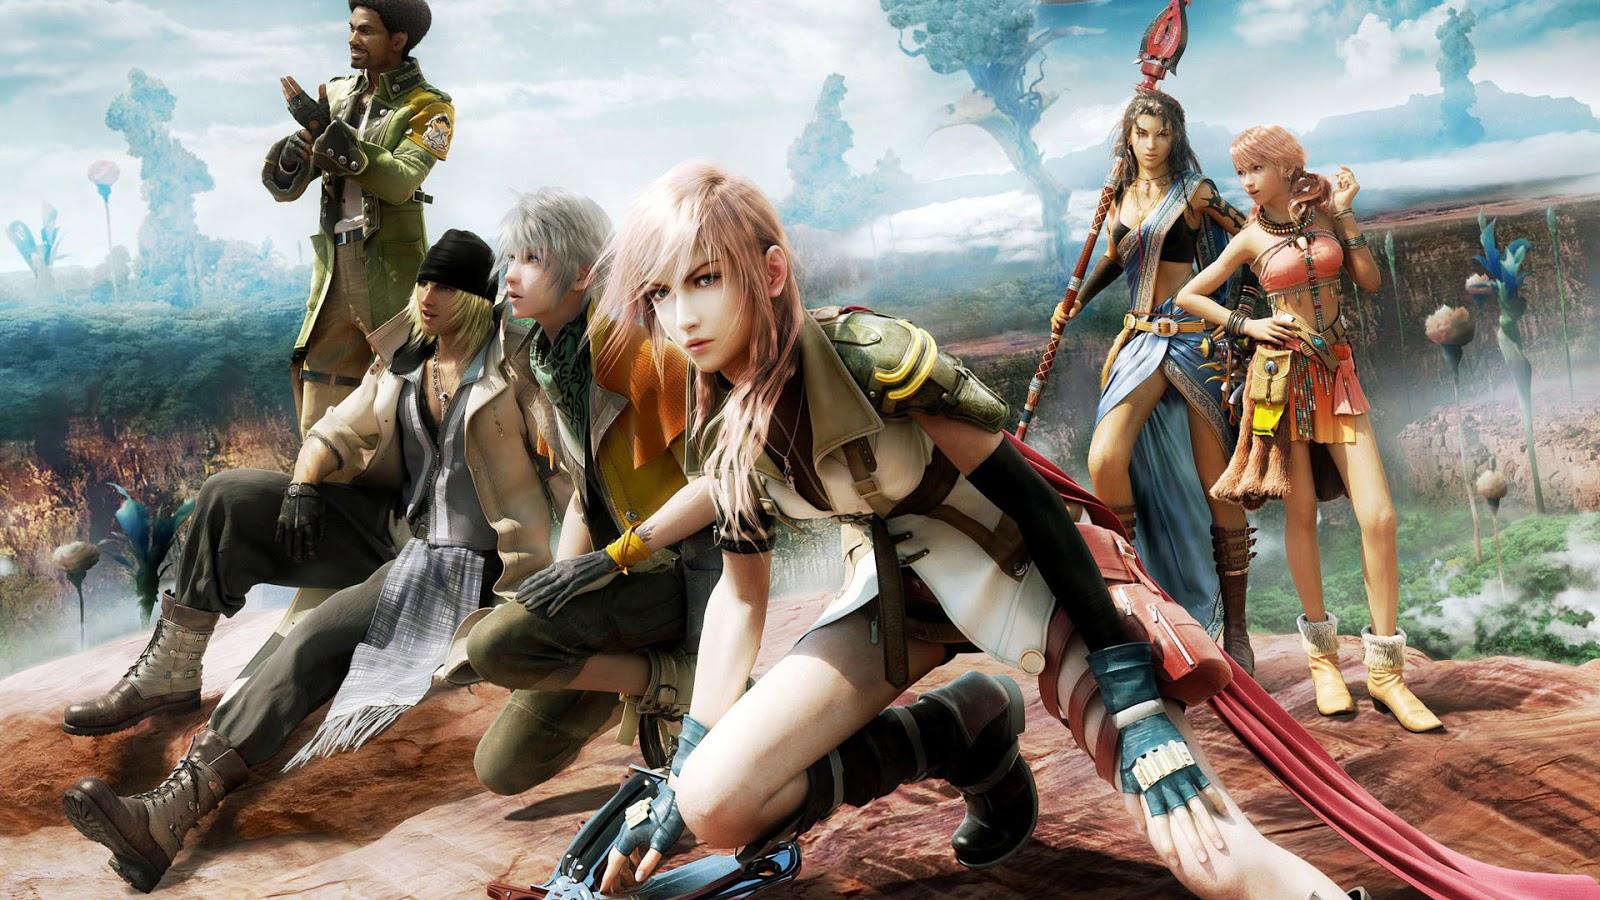 http://2.bp.blogspot.com/-V93mT22_kjY/UHfqwxiuBVI/AAAAAAAADhI/viCqhYmjtIU/s1600/final-fantasy-xiii-character.jpg